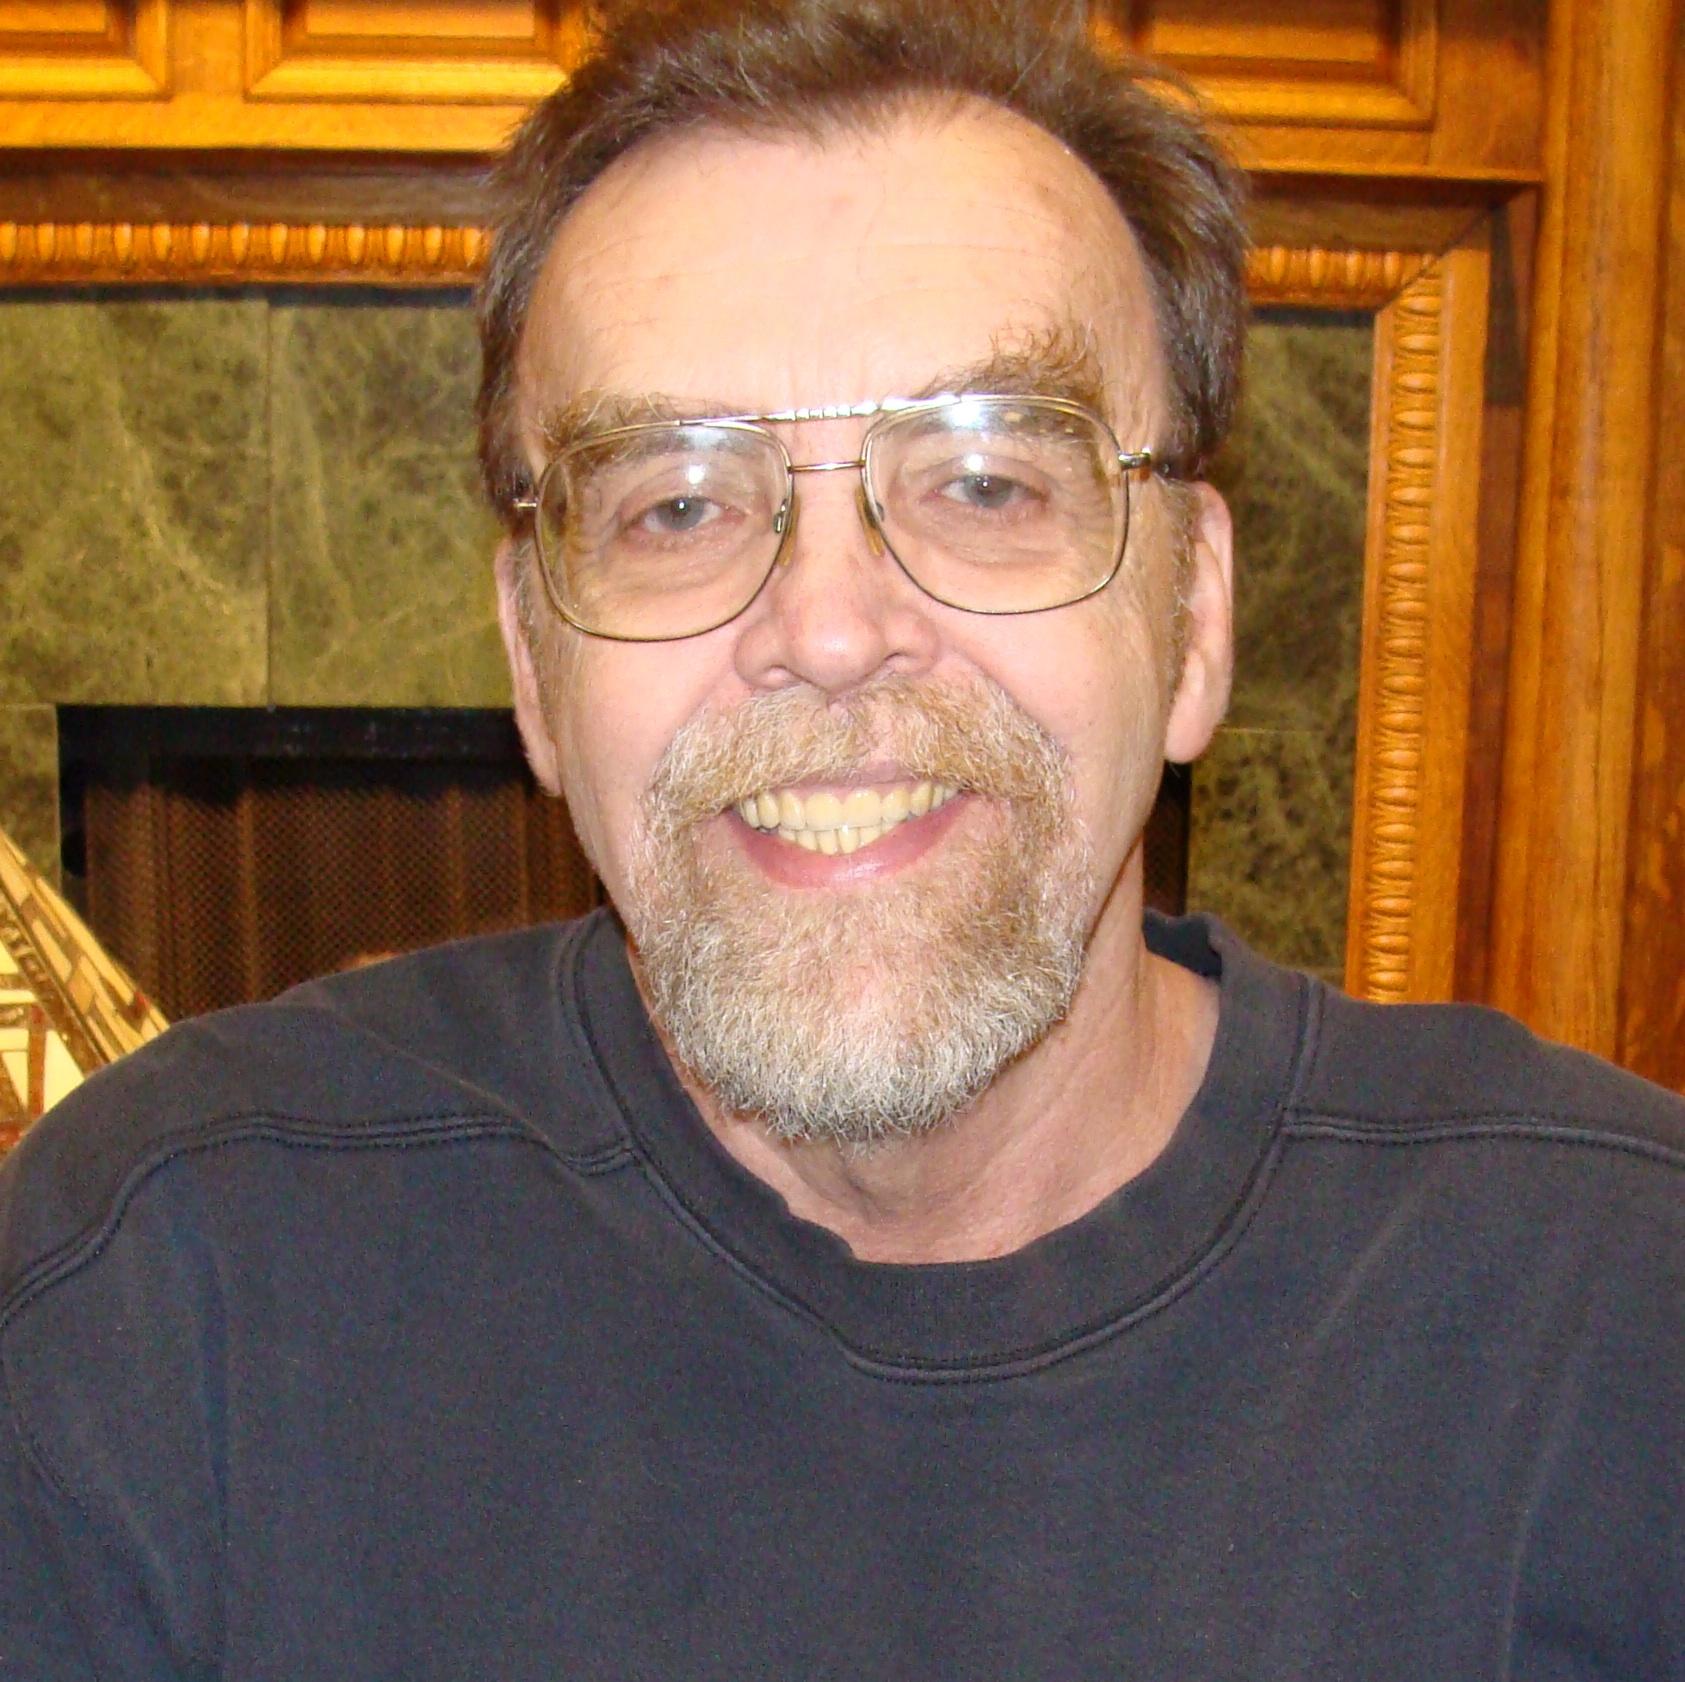 Michael Banks Cincinnati, Ohio  Before Oprah